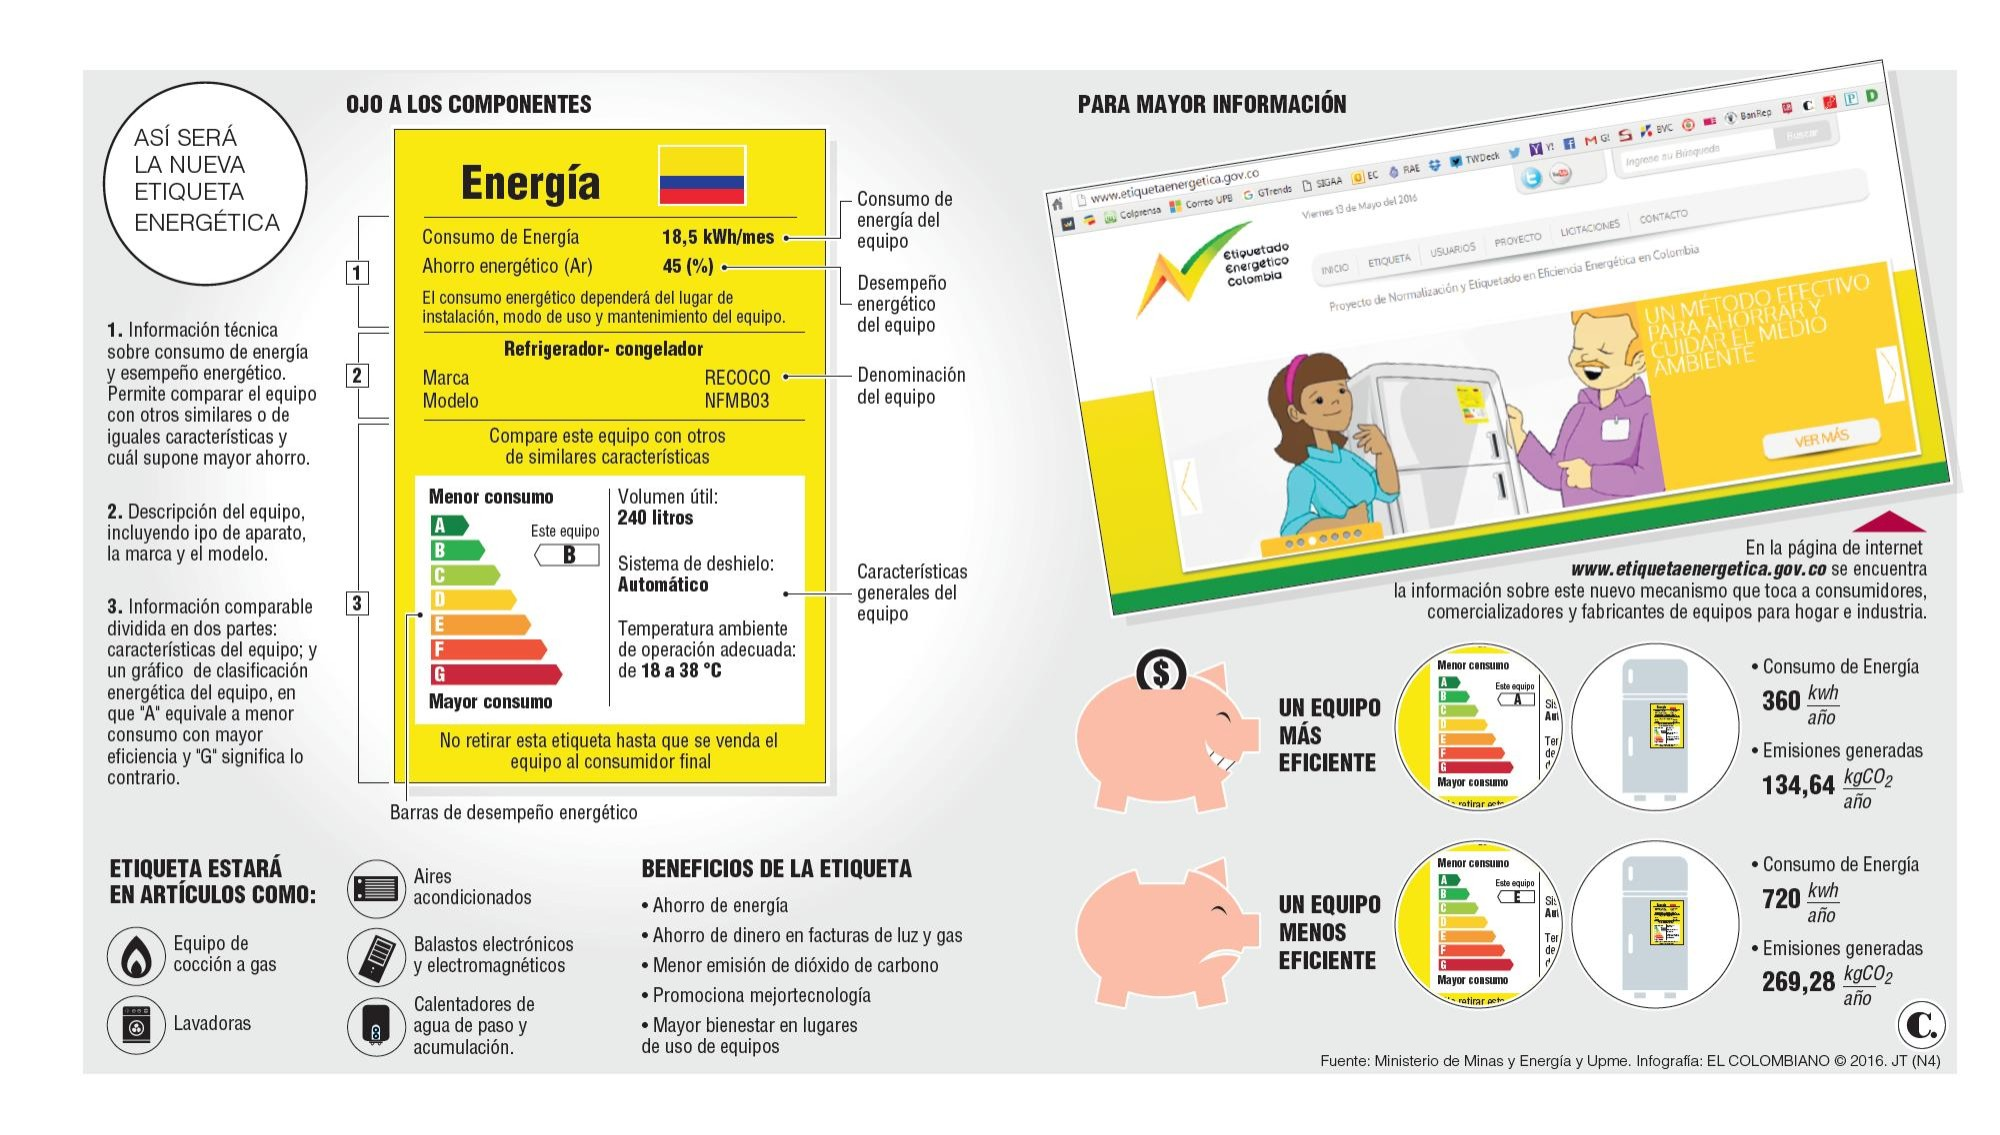 Antes de comprar, revise la etiqueta de energía